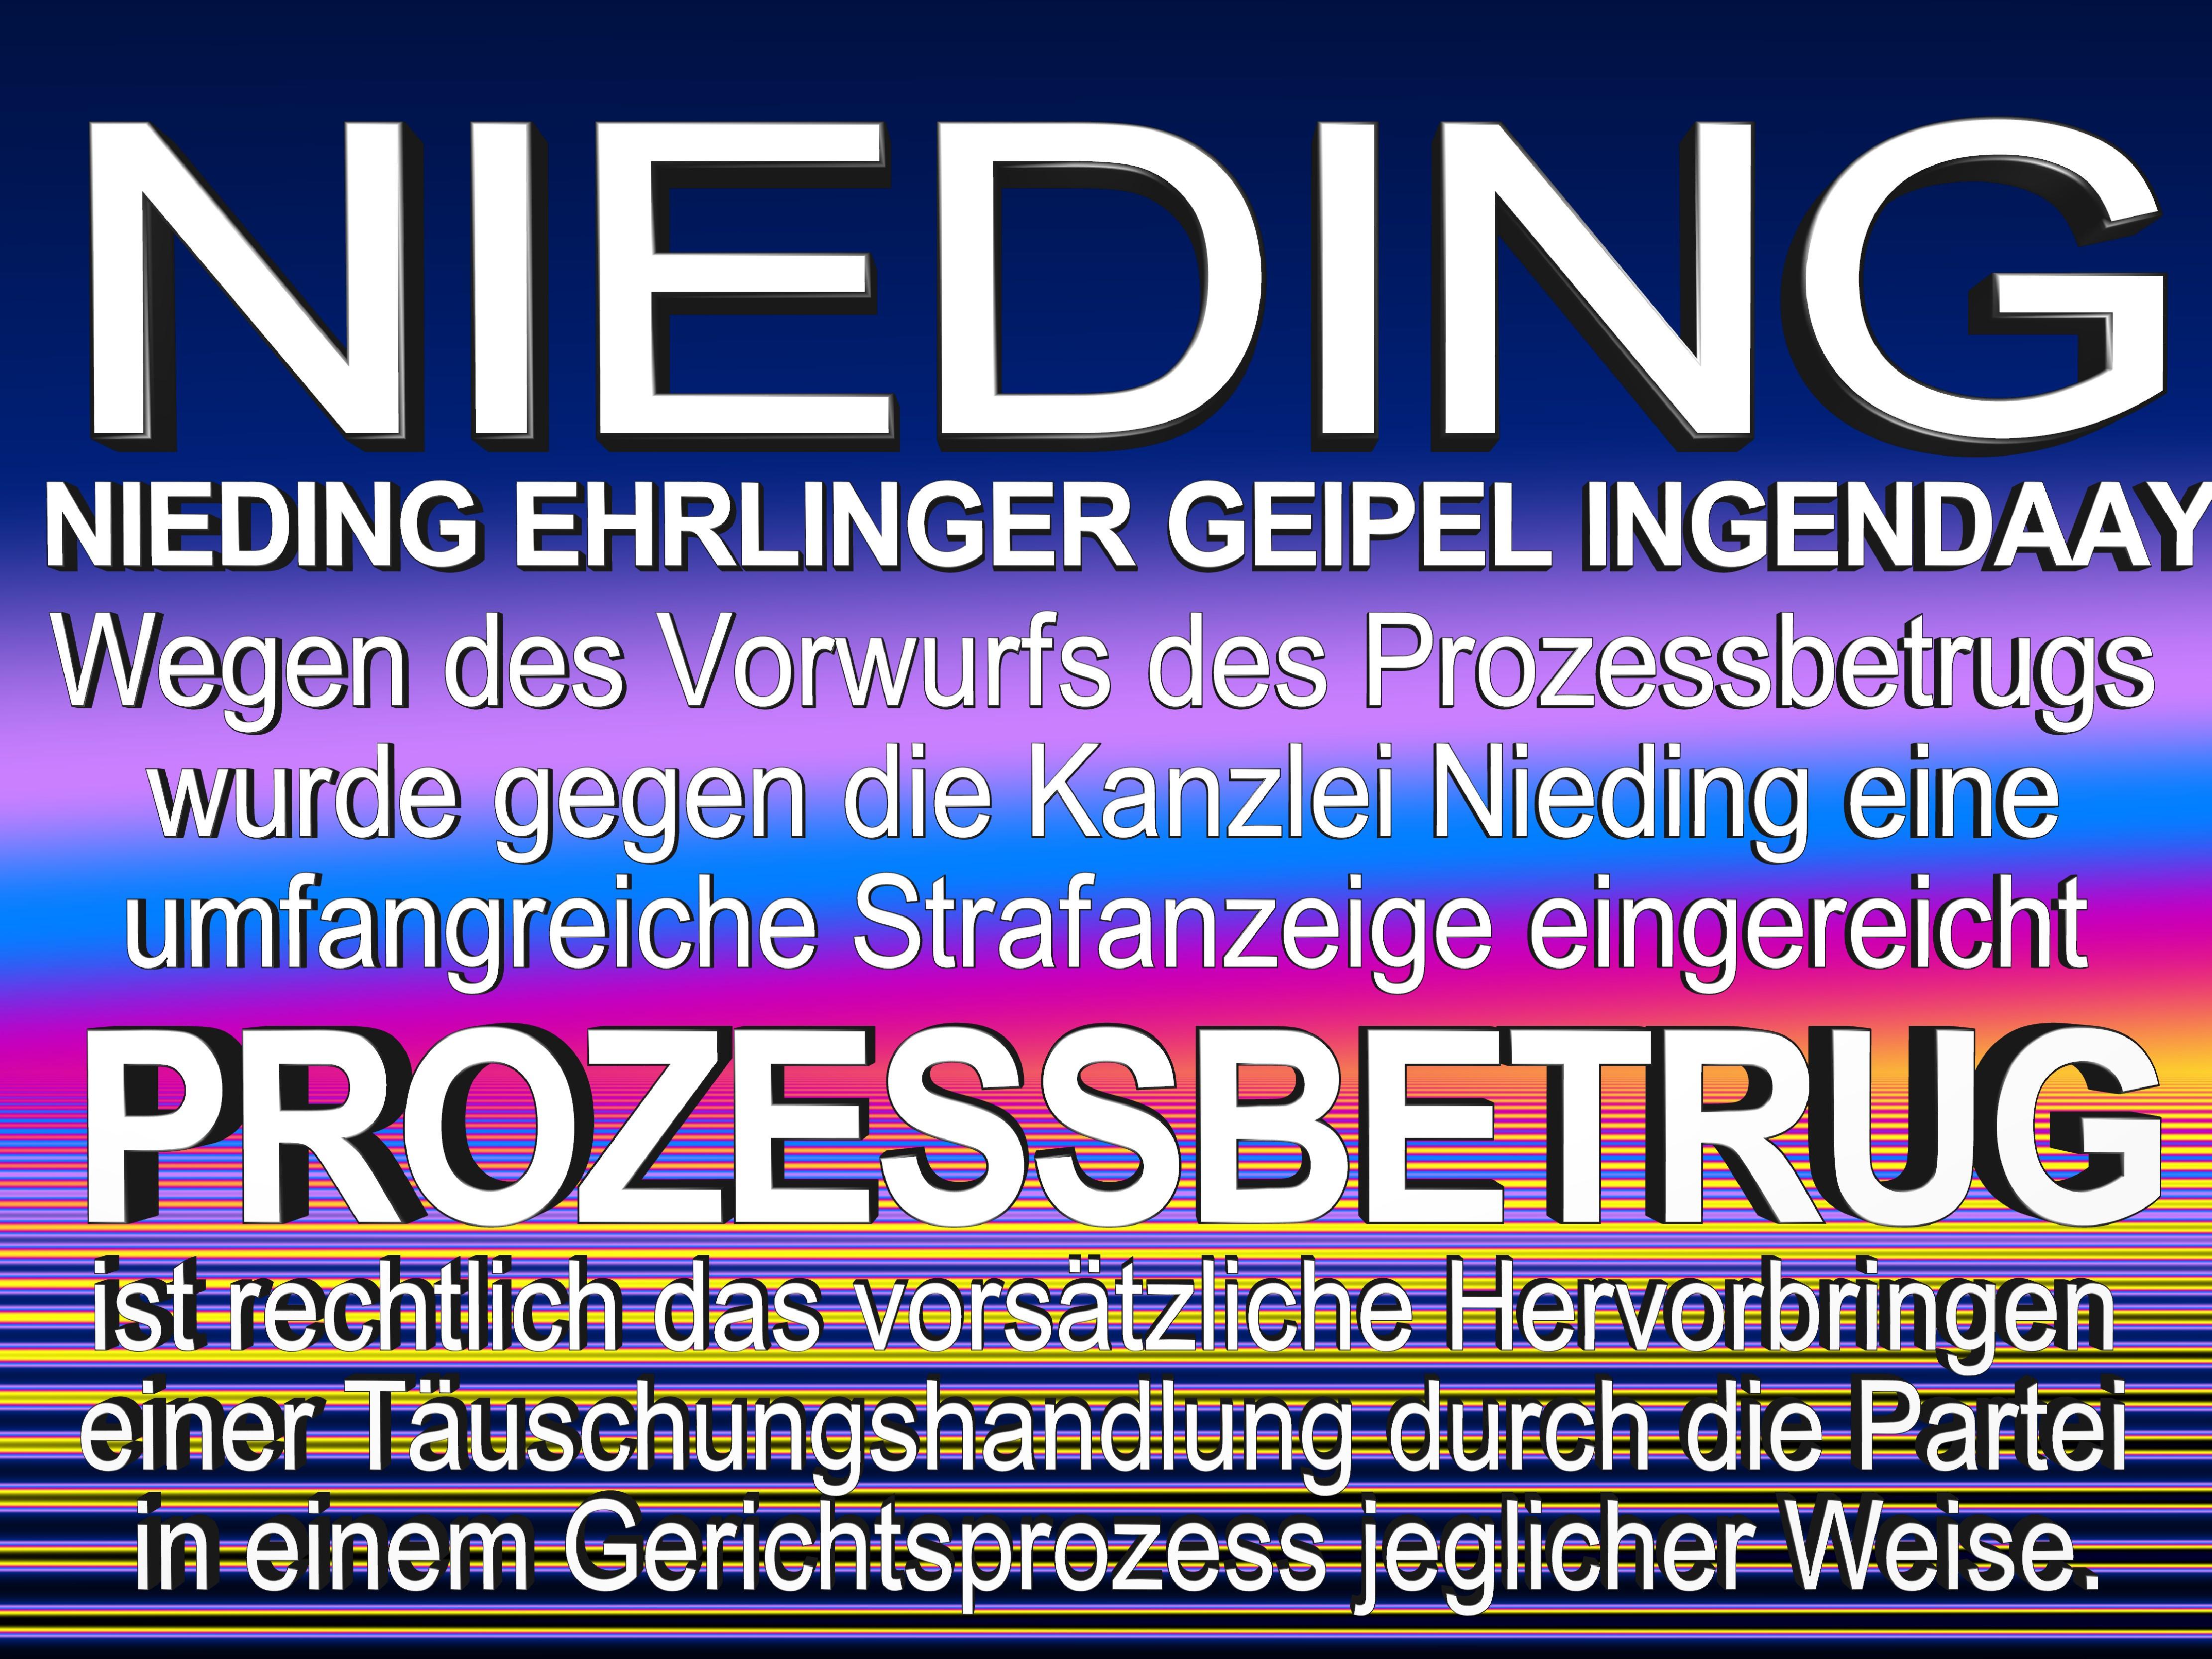 NIEDING EHRLINGER GEIPEL INGENDAAY LELKE Kurfürstendamm 66 Berlin (68)